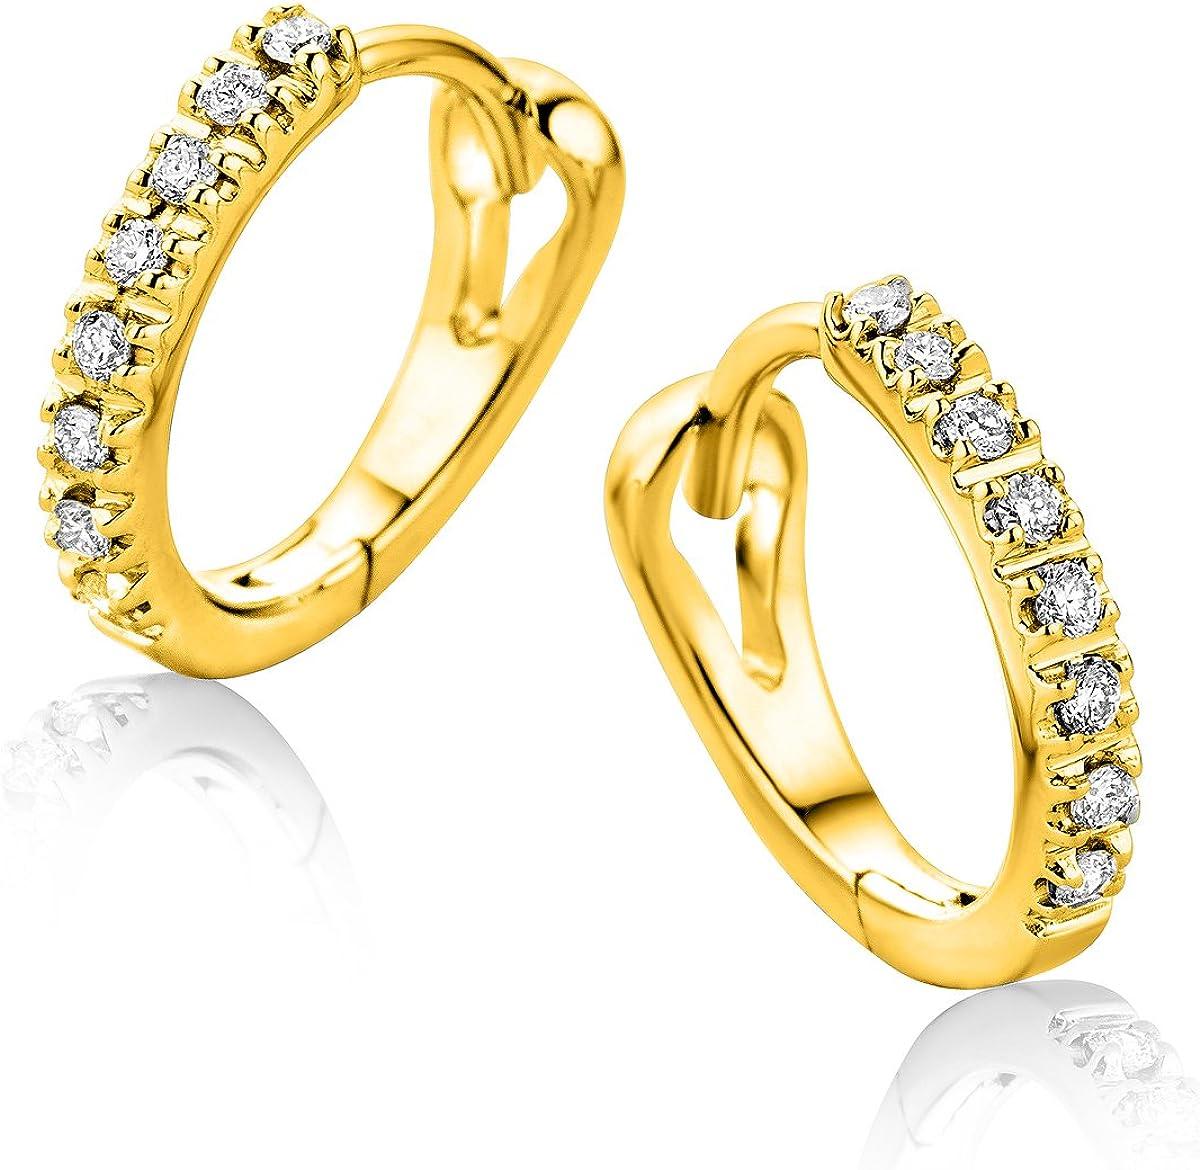 Orovi Pendientes Señora aros en Oro Amarillo con Diamantes Talla Brillante 0.10 ct Oro 9 Kt / 375